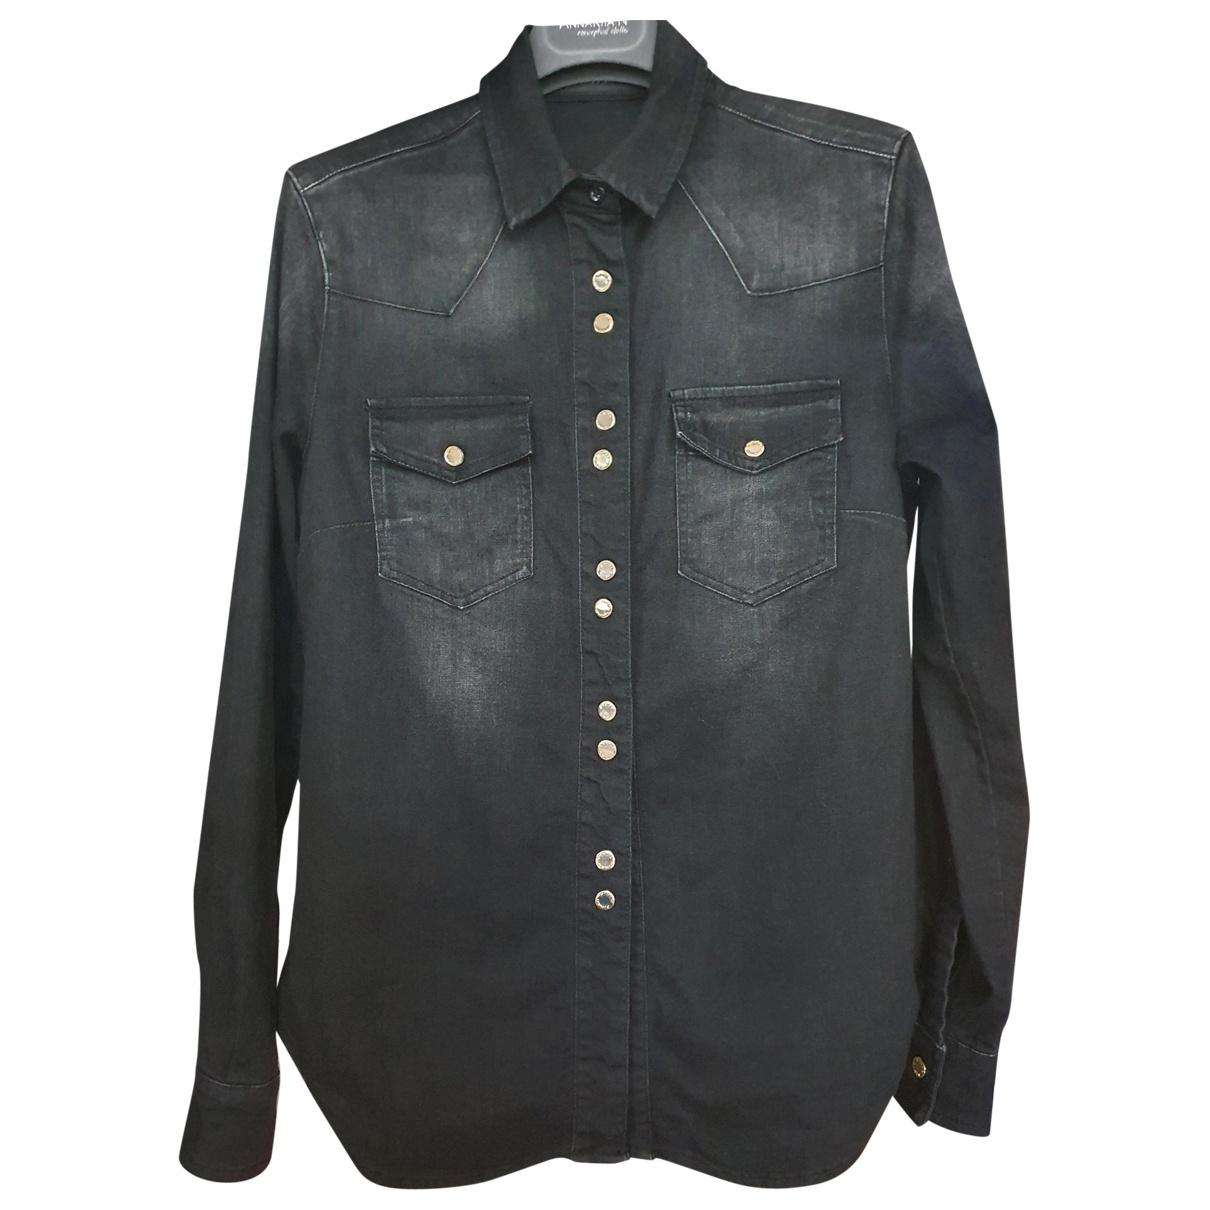 Pinko \N Black Denim - Jeans  top for Women 38 IT